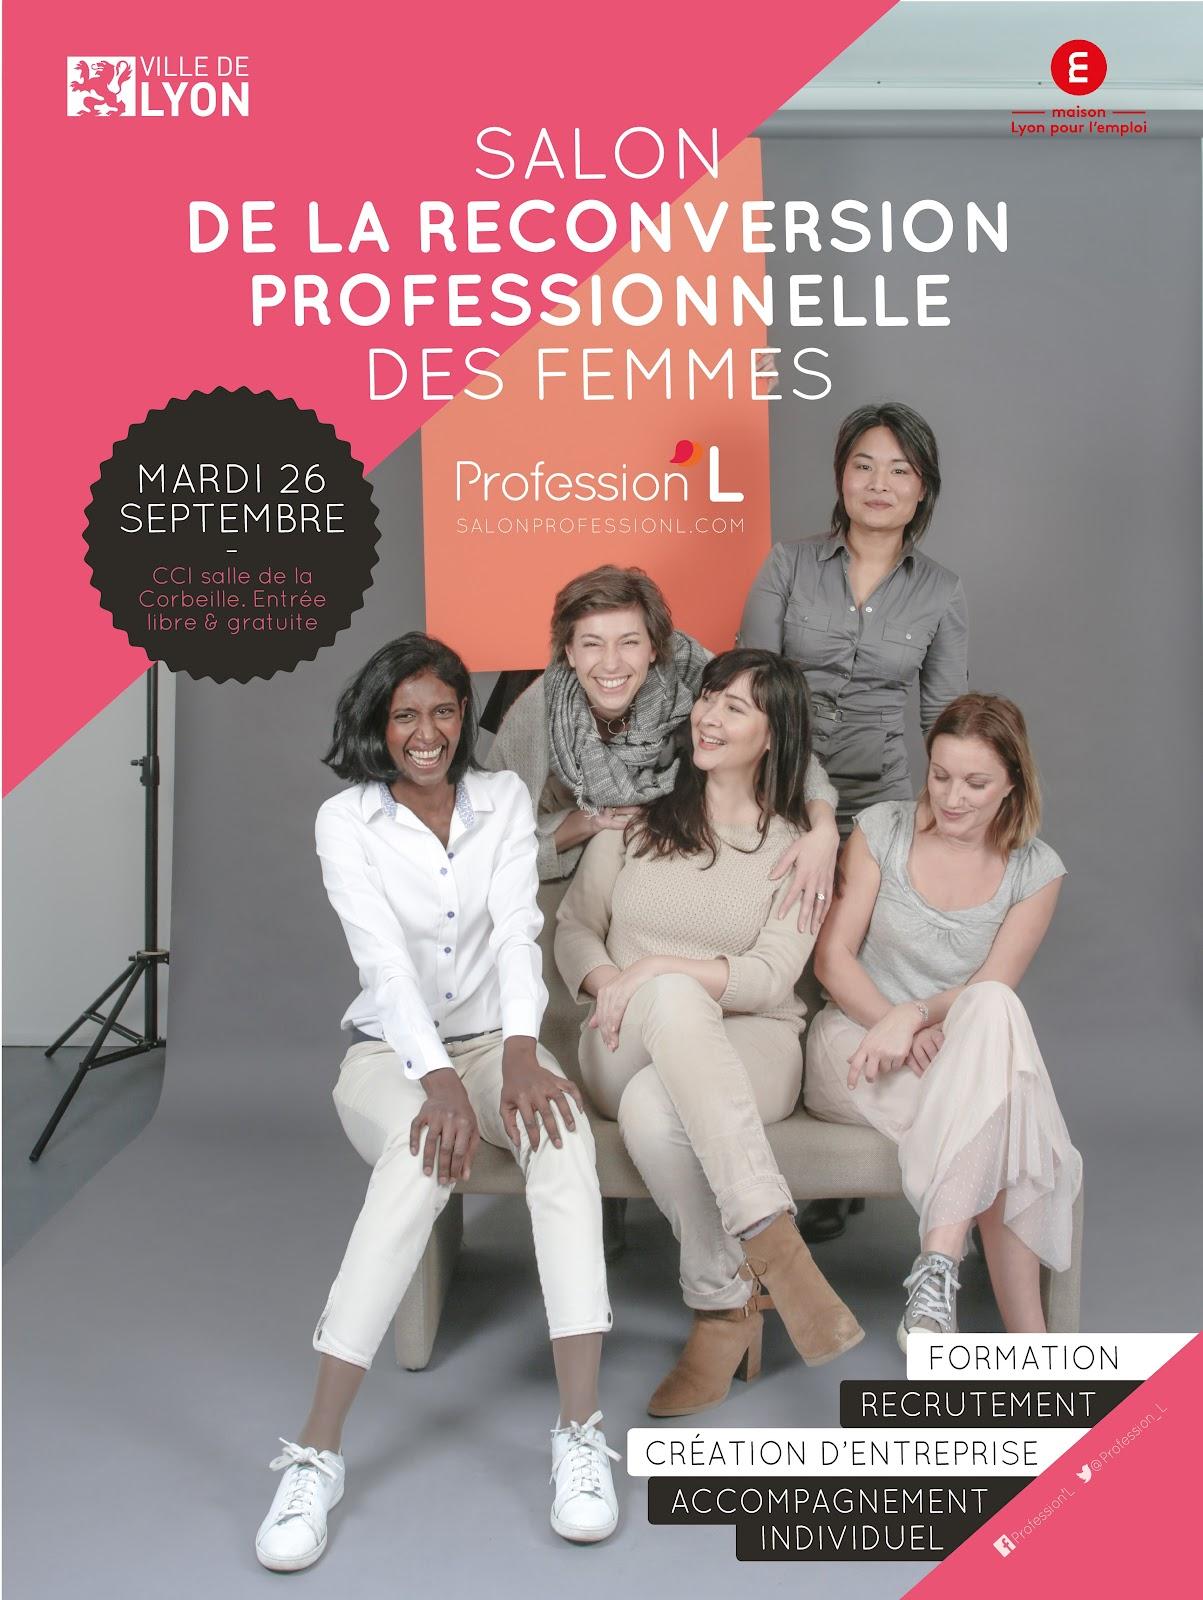 Contact : Séverine Valette 0603445956 (cofondatrice) ; Vinciane (LYON) 0685535924 ; Anne (NANTES)  0631662798